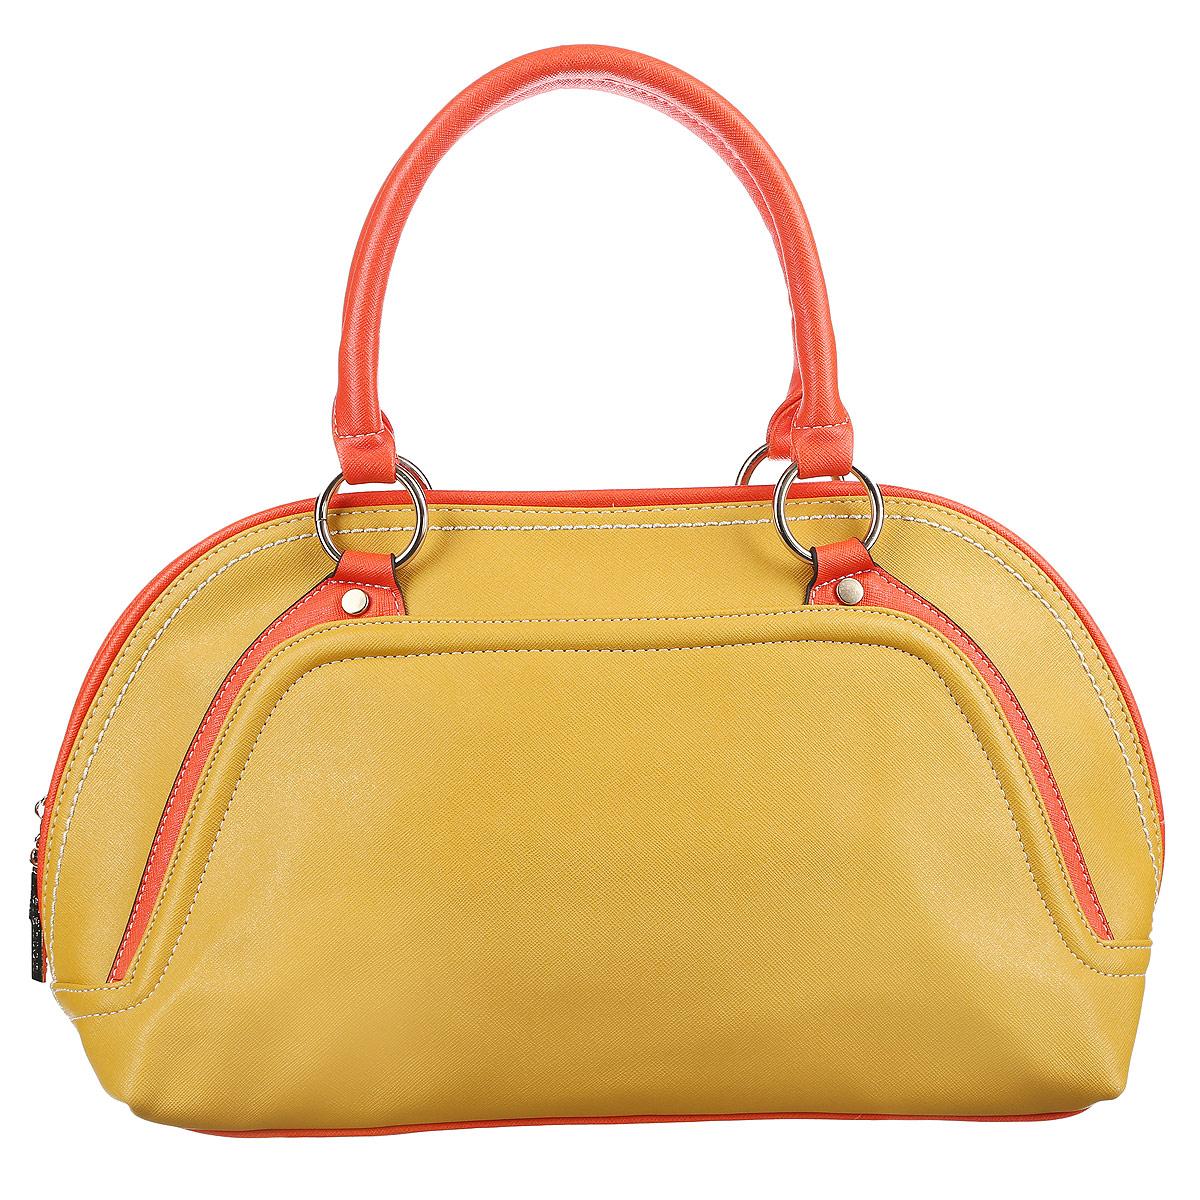 Сумка женская Leighton, цвет: желтый, оранжевый. 90468-3769/19/3769/18 жел90468-3769/19/3769/18 желОригинальная женская сумка Leighton выполнена из высококачественной искусственной кожи. Сумка имеет одно большое отделение и закрывается на застежку-молнию с двумя бегунками. Внутри вшитый карман на молнии, накладной карман на застежке-молнии, два накладных кармана для мелочей и мобильного телефона. На внешней стороне сумки расположен дополнительный карман на застежке-молнии. Сумка оснащена двумя удобными ручками и жестким основанием. Классическое цветовое сочетание, стильный декор и модный дизайн сумочки Leighton - прекрасное дополнение к гардеробу модницы.